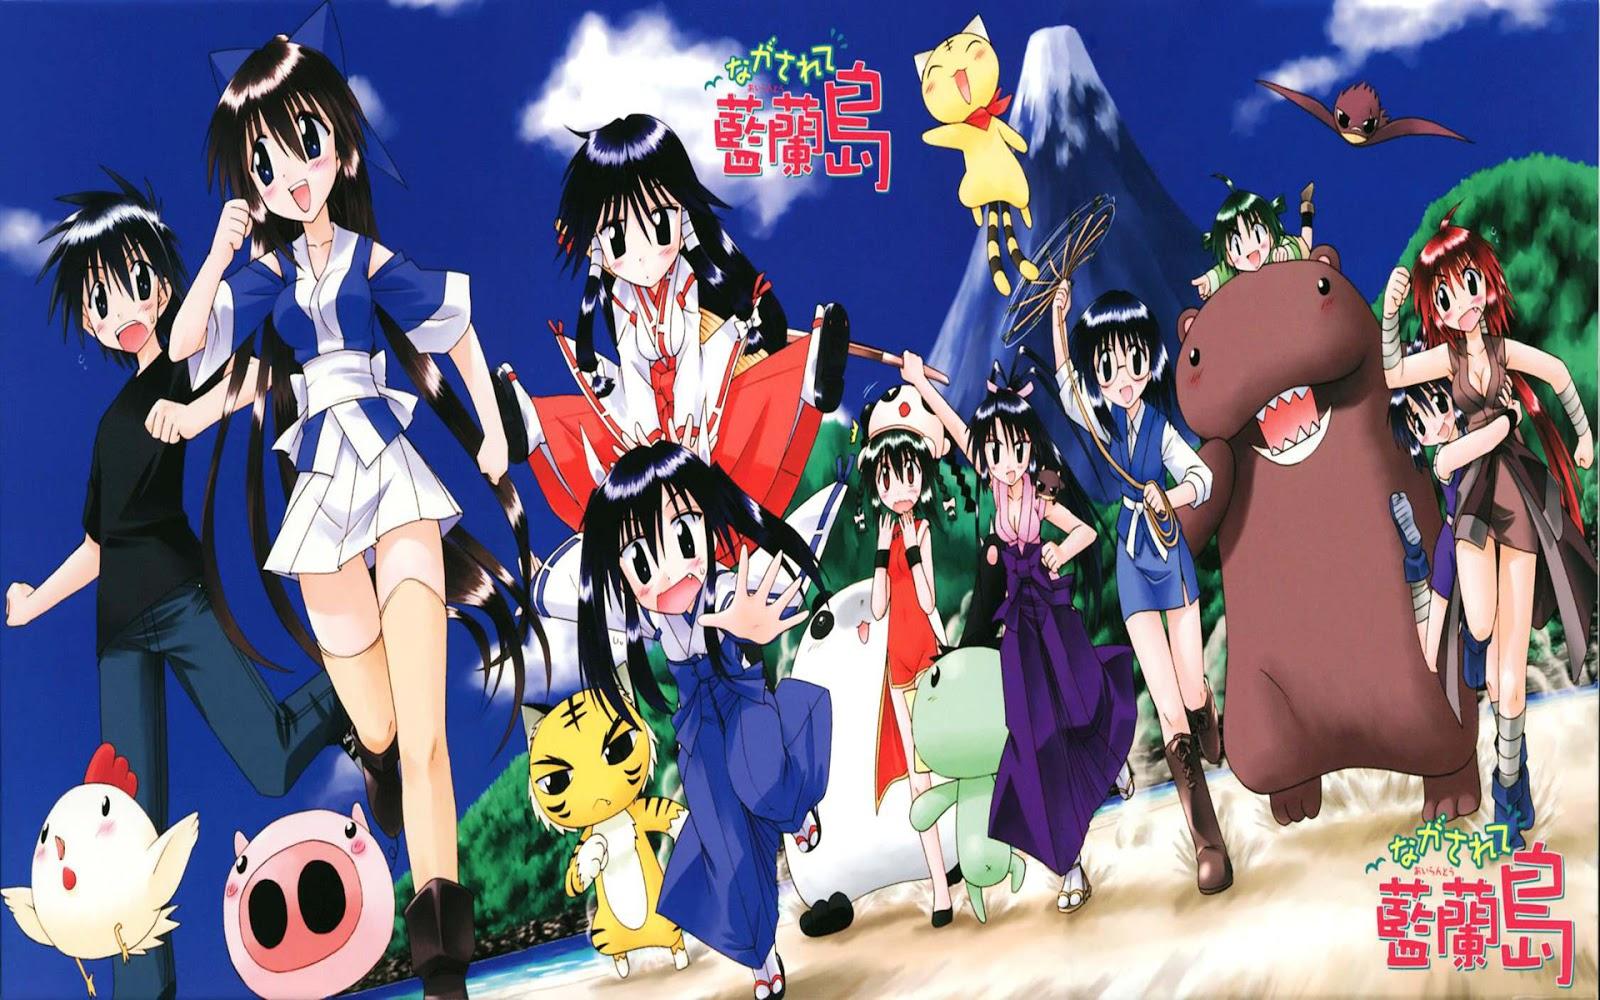 http://1.bp.blogspot.com/-iTNaNM2Niww/UO3sdlgQ8xI/AAAAAAAAAJE/EIUoPzHjUZ4/s1600/anime_wallpaper_13583_nagasarete_airantou68-other.jpg